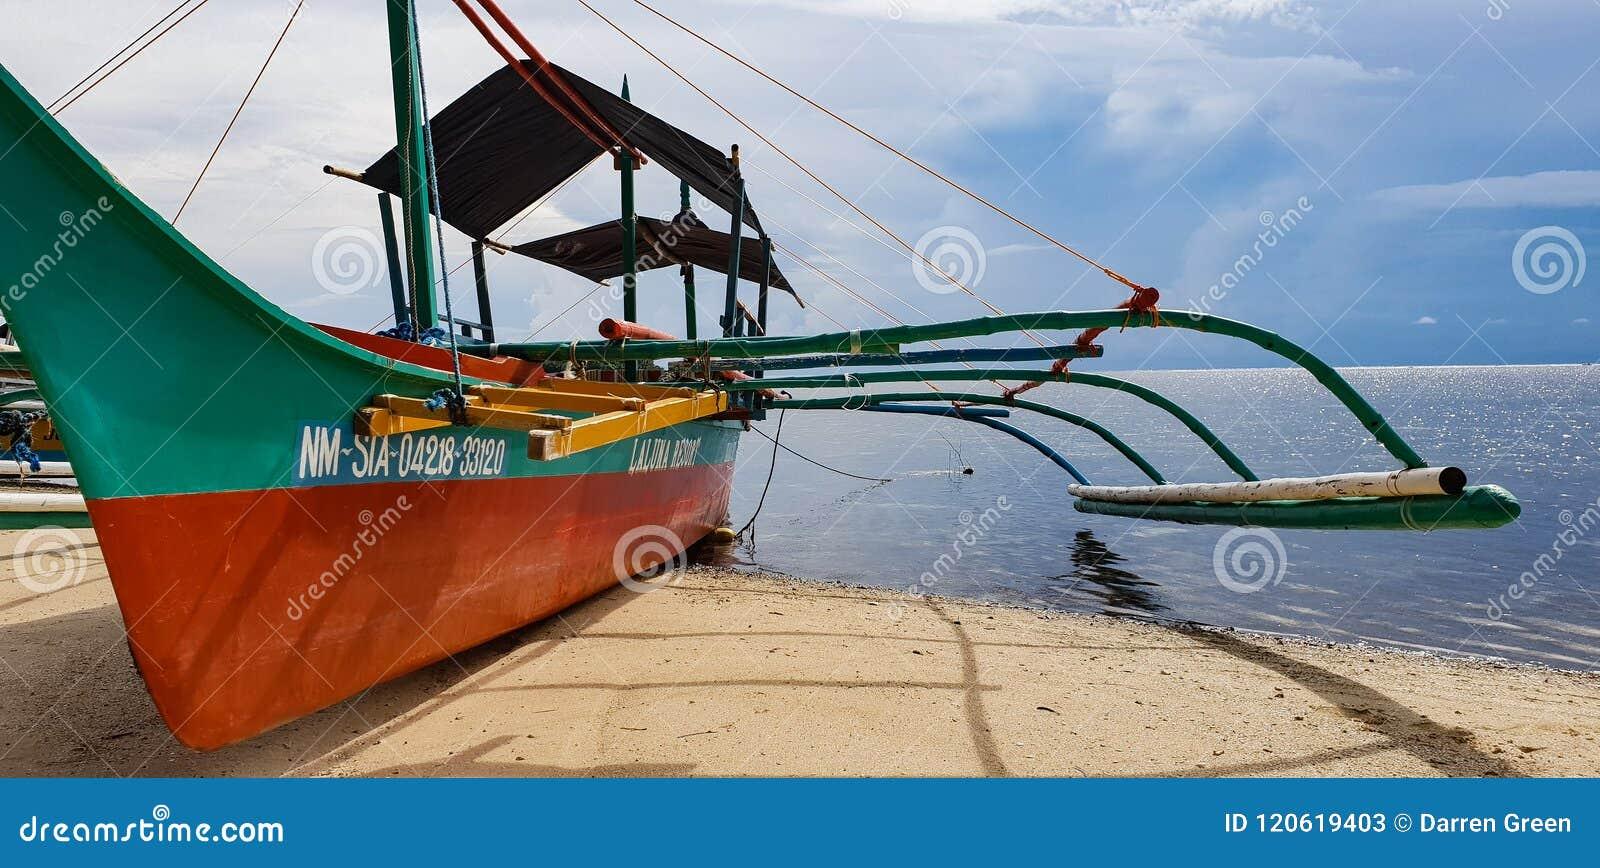 Handlowa bank łódź oczekuje turystów na plaży Siargao wyspa w Filipiny